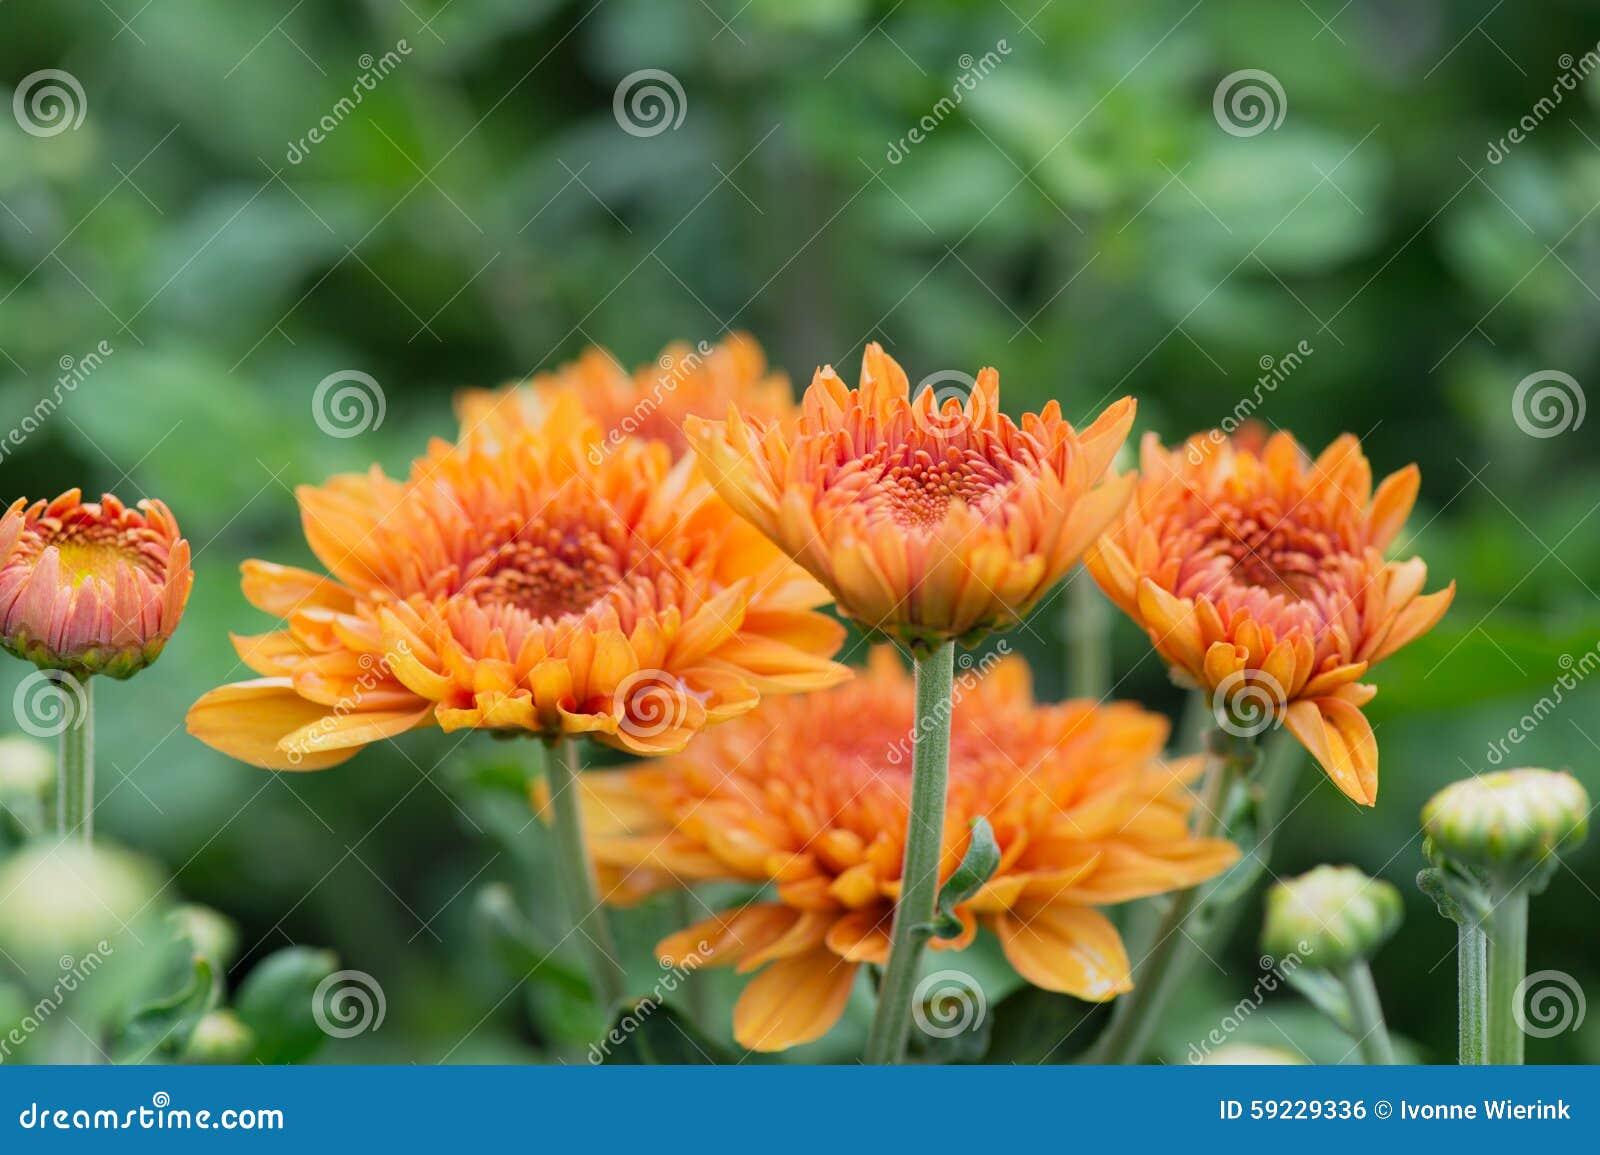 Chrysanths en jardín